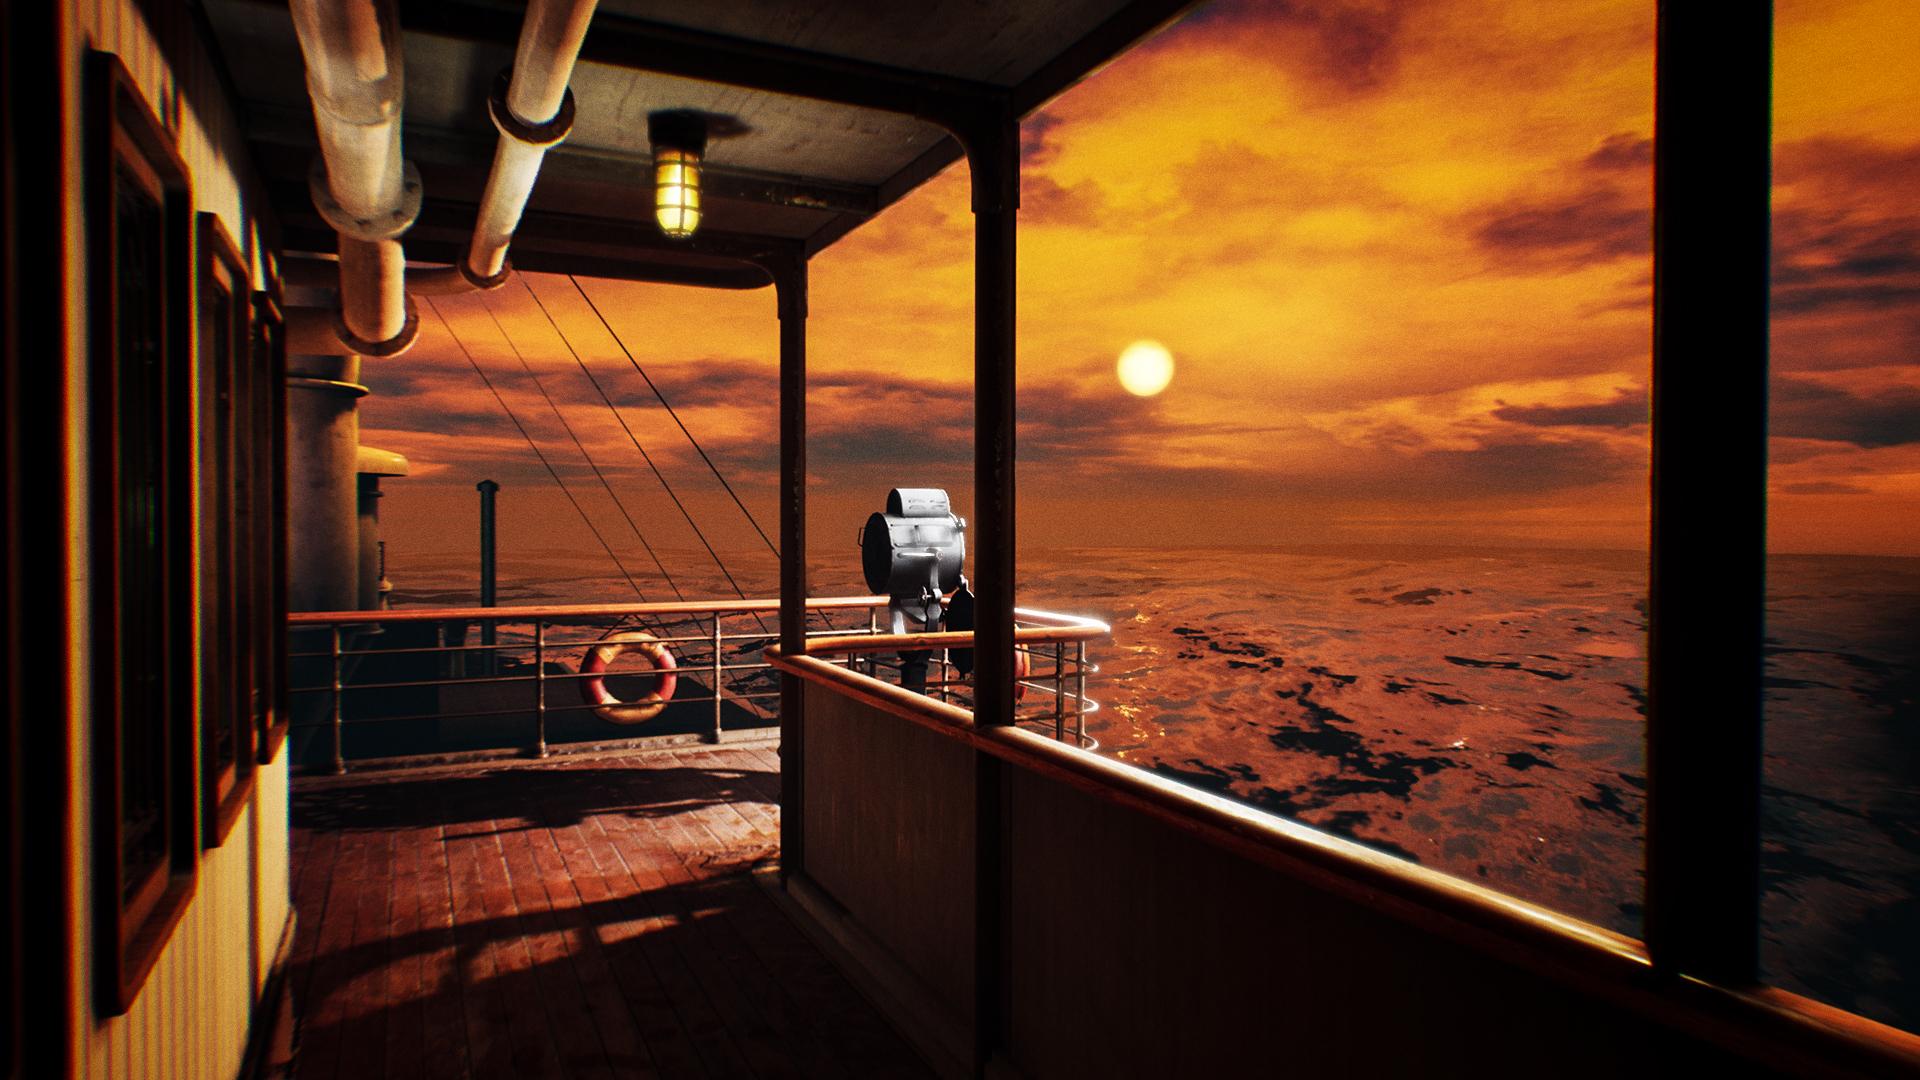 恐怖游戏《层层恐惧2》登陆Steam 暂不支持中文